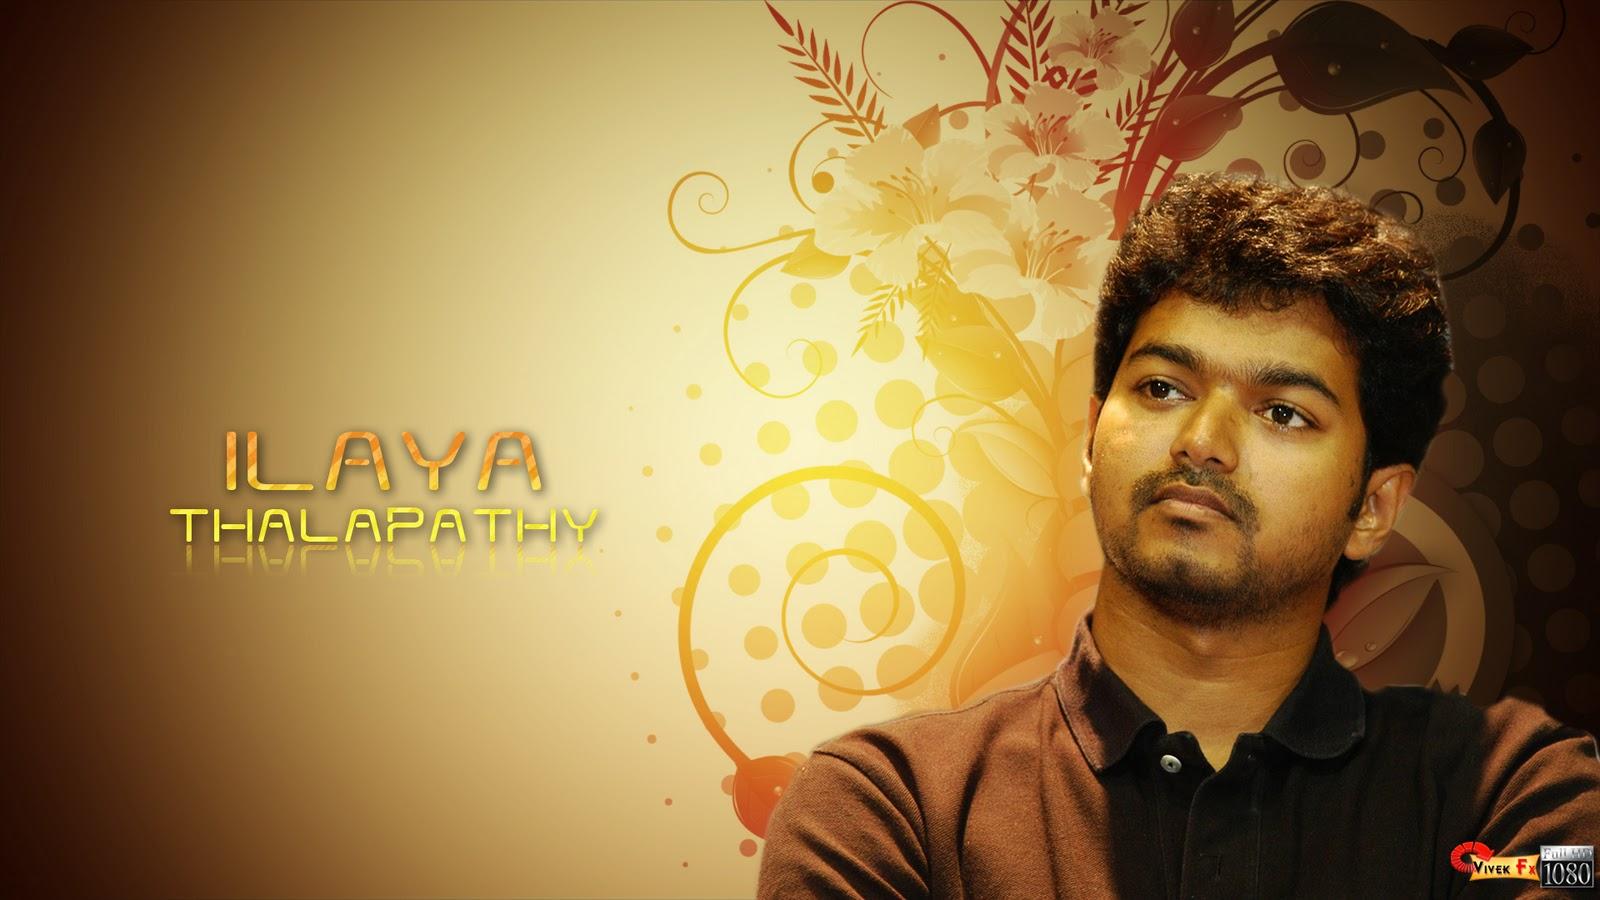 Hd wallpaper vijay - Ilayathalapathy Vijay Hd Wallpapers